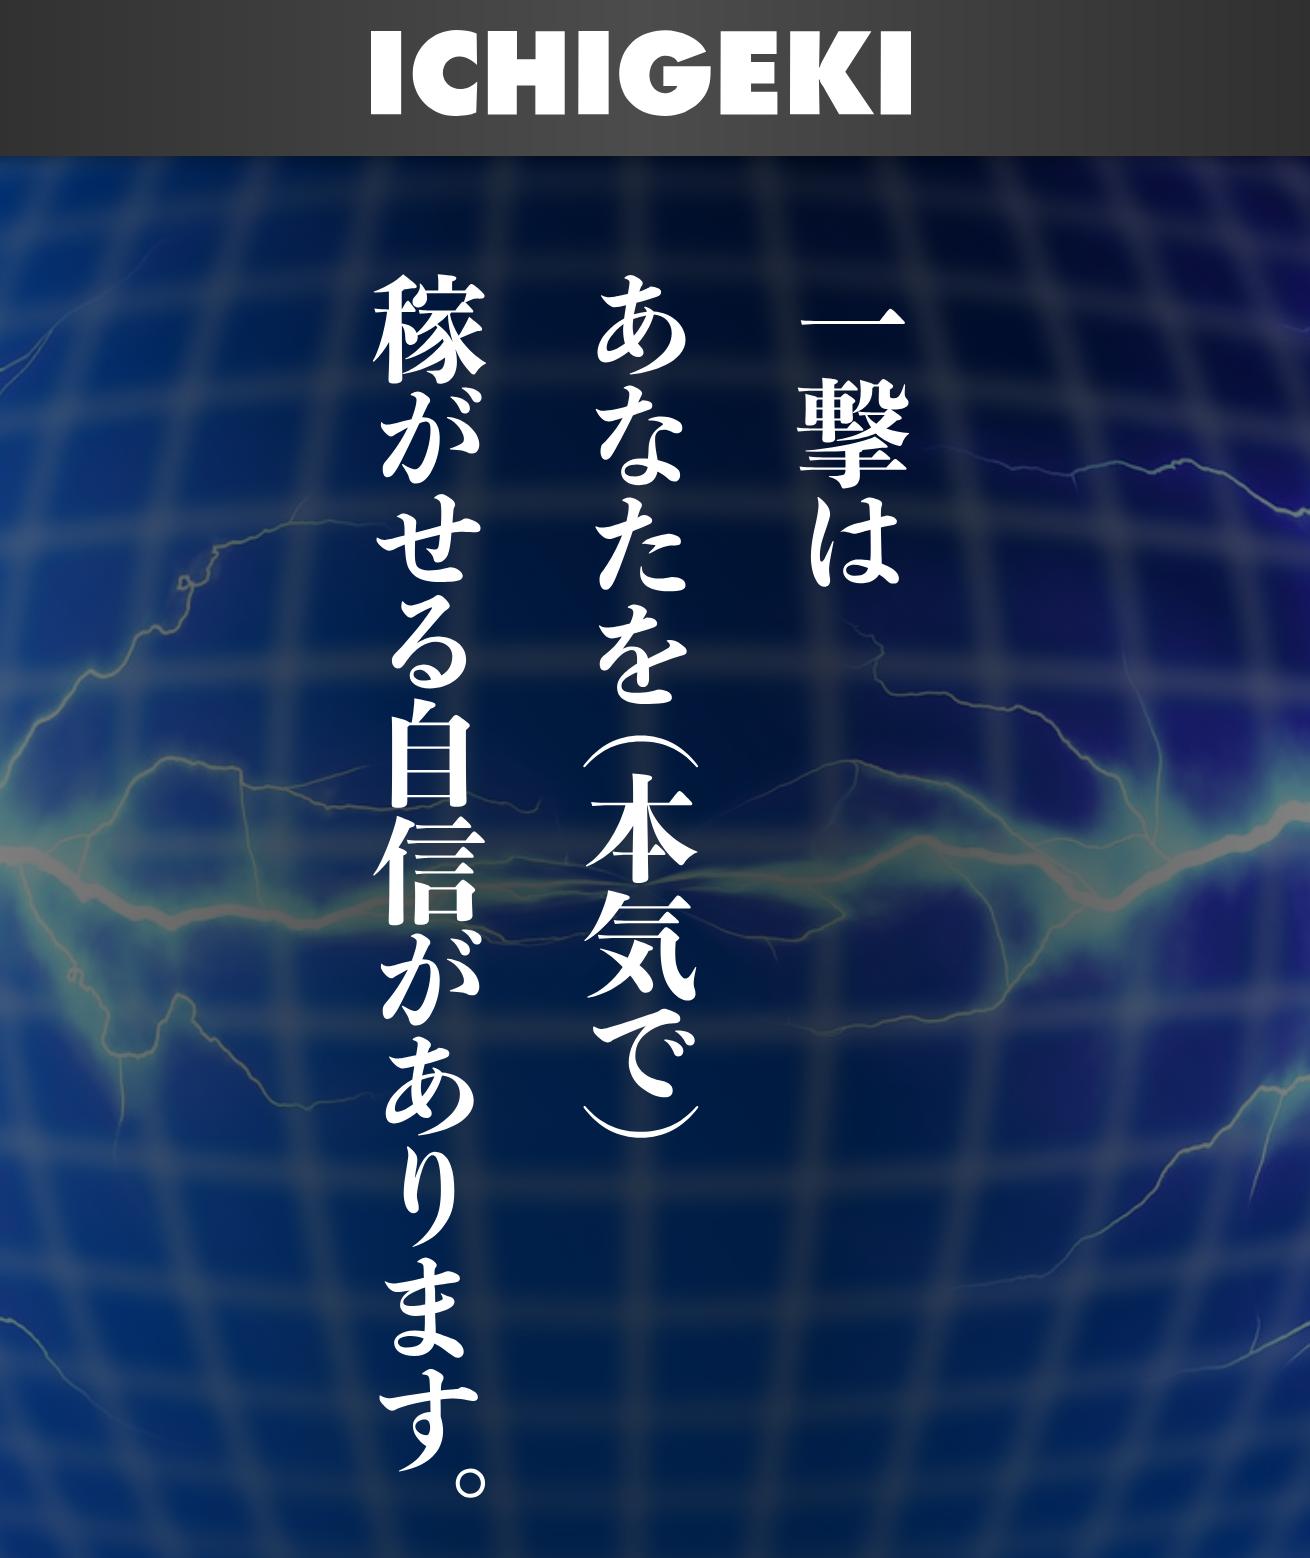 斎藤忠義 ICHIGEKI販売レター